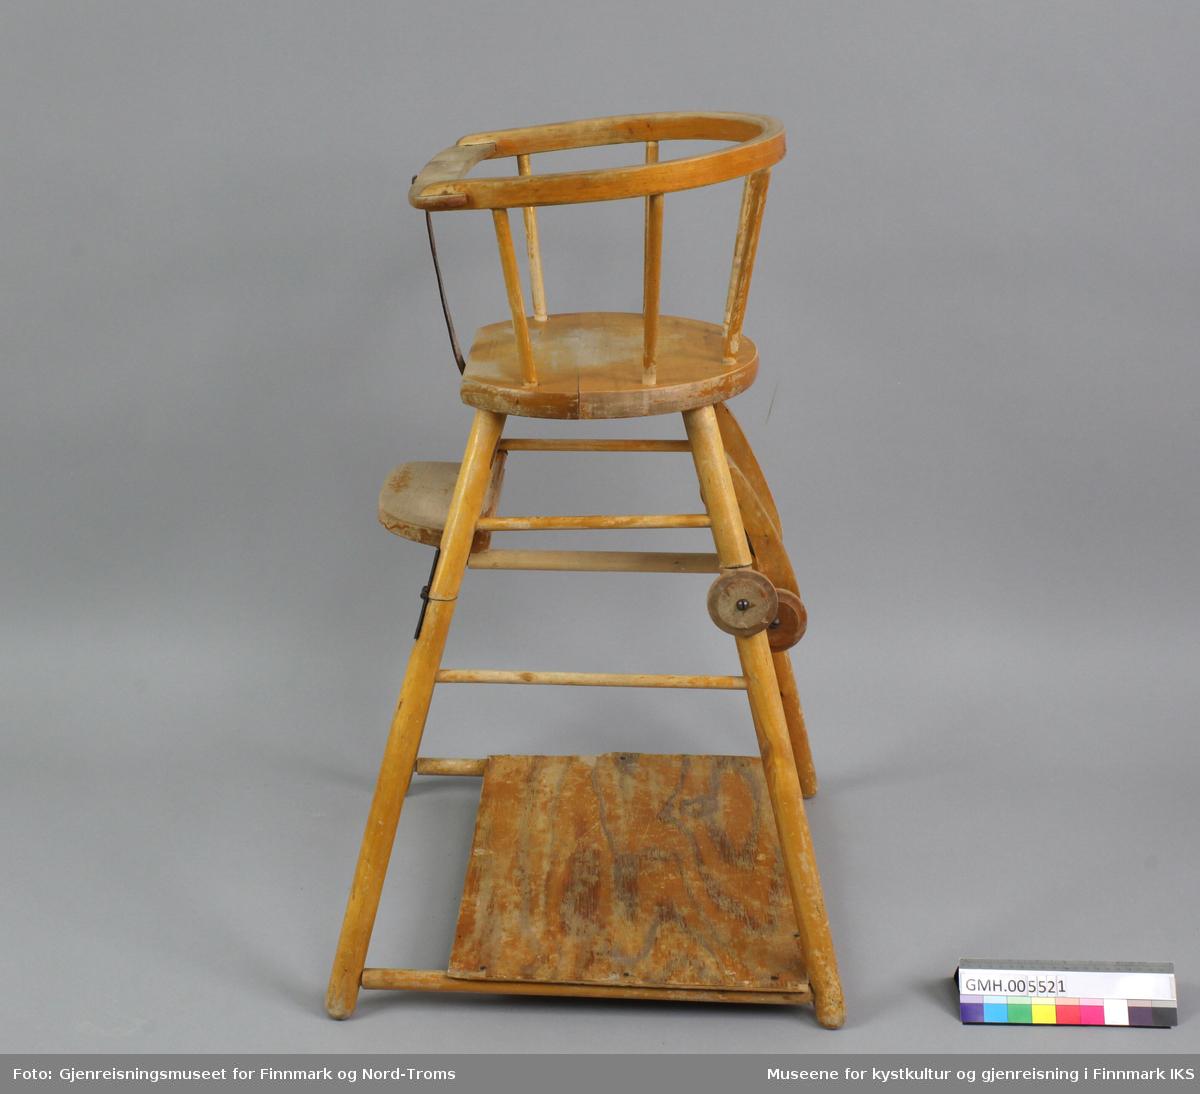 Barnestolen har et avrundet sete og ryggstø. Den har en fotskammel og et tverrstag oppe, foran på sitteanordninga. Det er festet ei lærreim vertikalt på midten mellom setet og tverrstaget. Stolen kan settes i to ulike posisjoner: oppslått er den høy og kan stå ved bordet, sammenslått er den lav, har bord og kan trilles på hjul  av tre. Hengslene midt på stolbenene gjør den sammenleggbar og spiralfjærene samt kroker av tre holder stolen fast i oppreist posisjon. Barnestolen er konstruert for mating av barn.